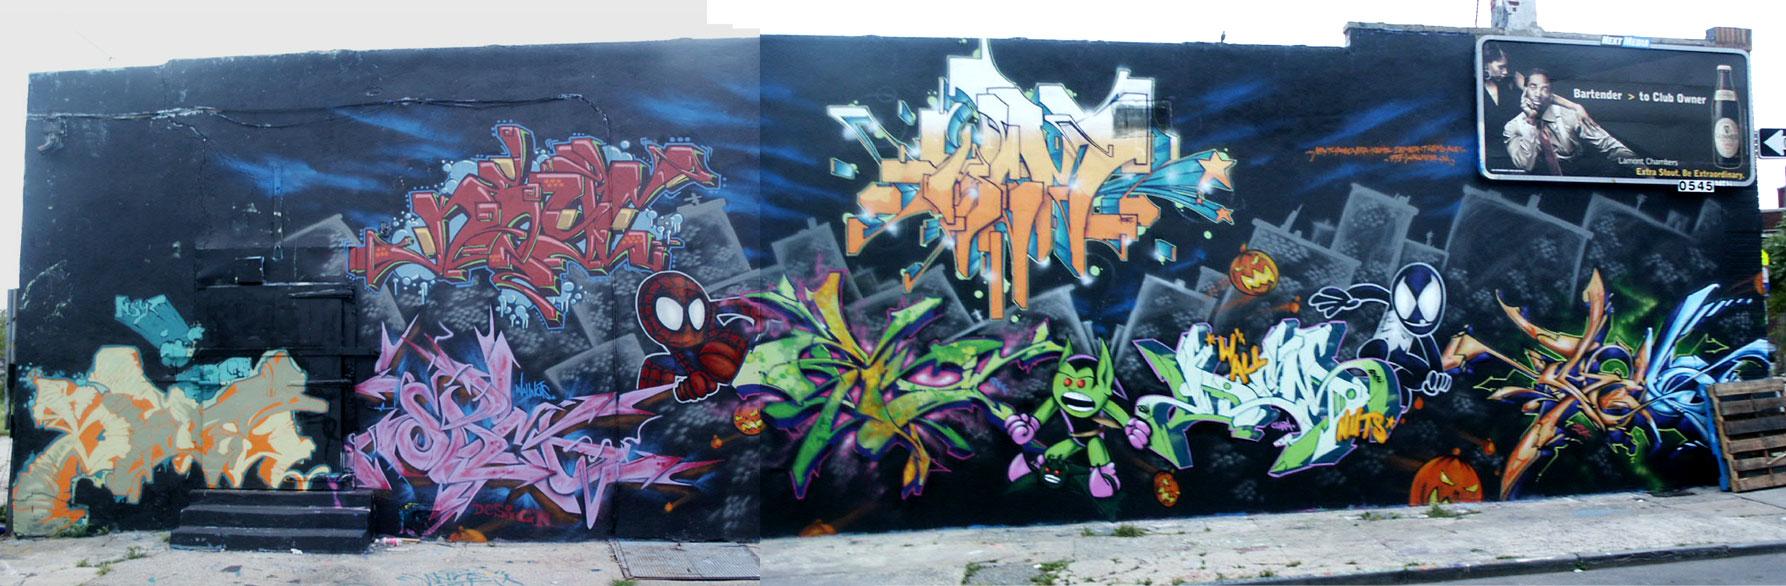 NewarkGraffiti06